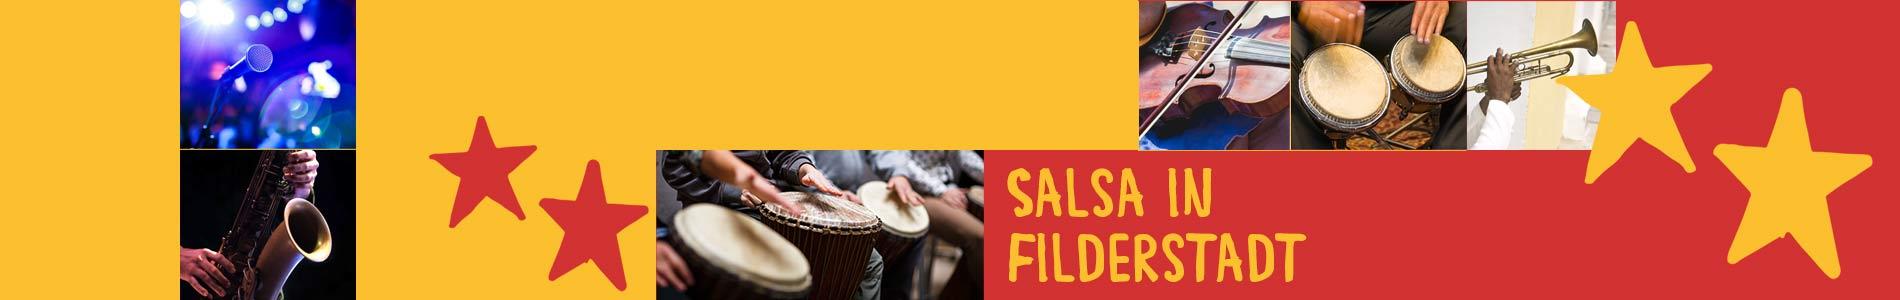 Salsa in Filderstadt – Salsa lernen und tanzen, Tanzkurse, Partys, Veranstaltungen